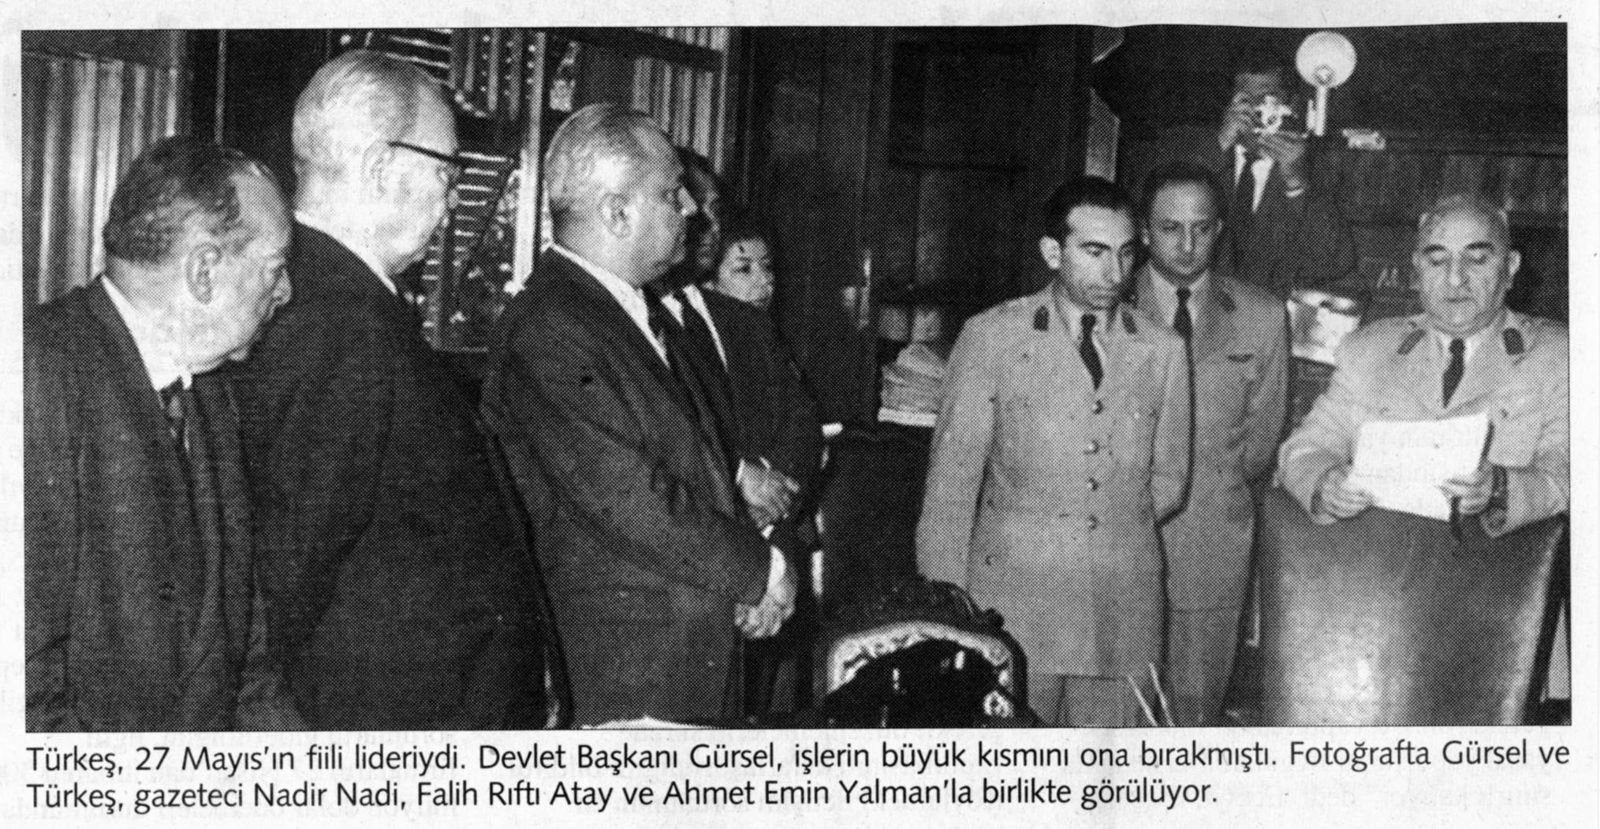 Les auteurs du coup d'Etat du 27 mai 1960. Le colonel Türkes, en uniforme, est au centre de la photo. Cliché publié dans Aksam, 4 avril 1998